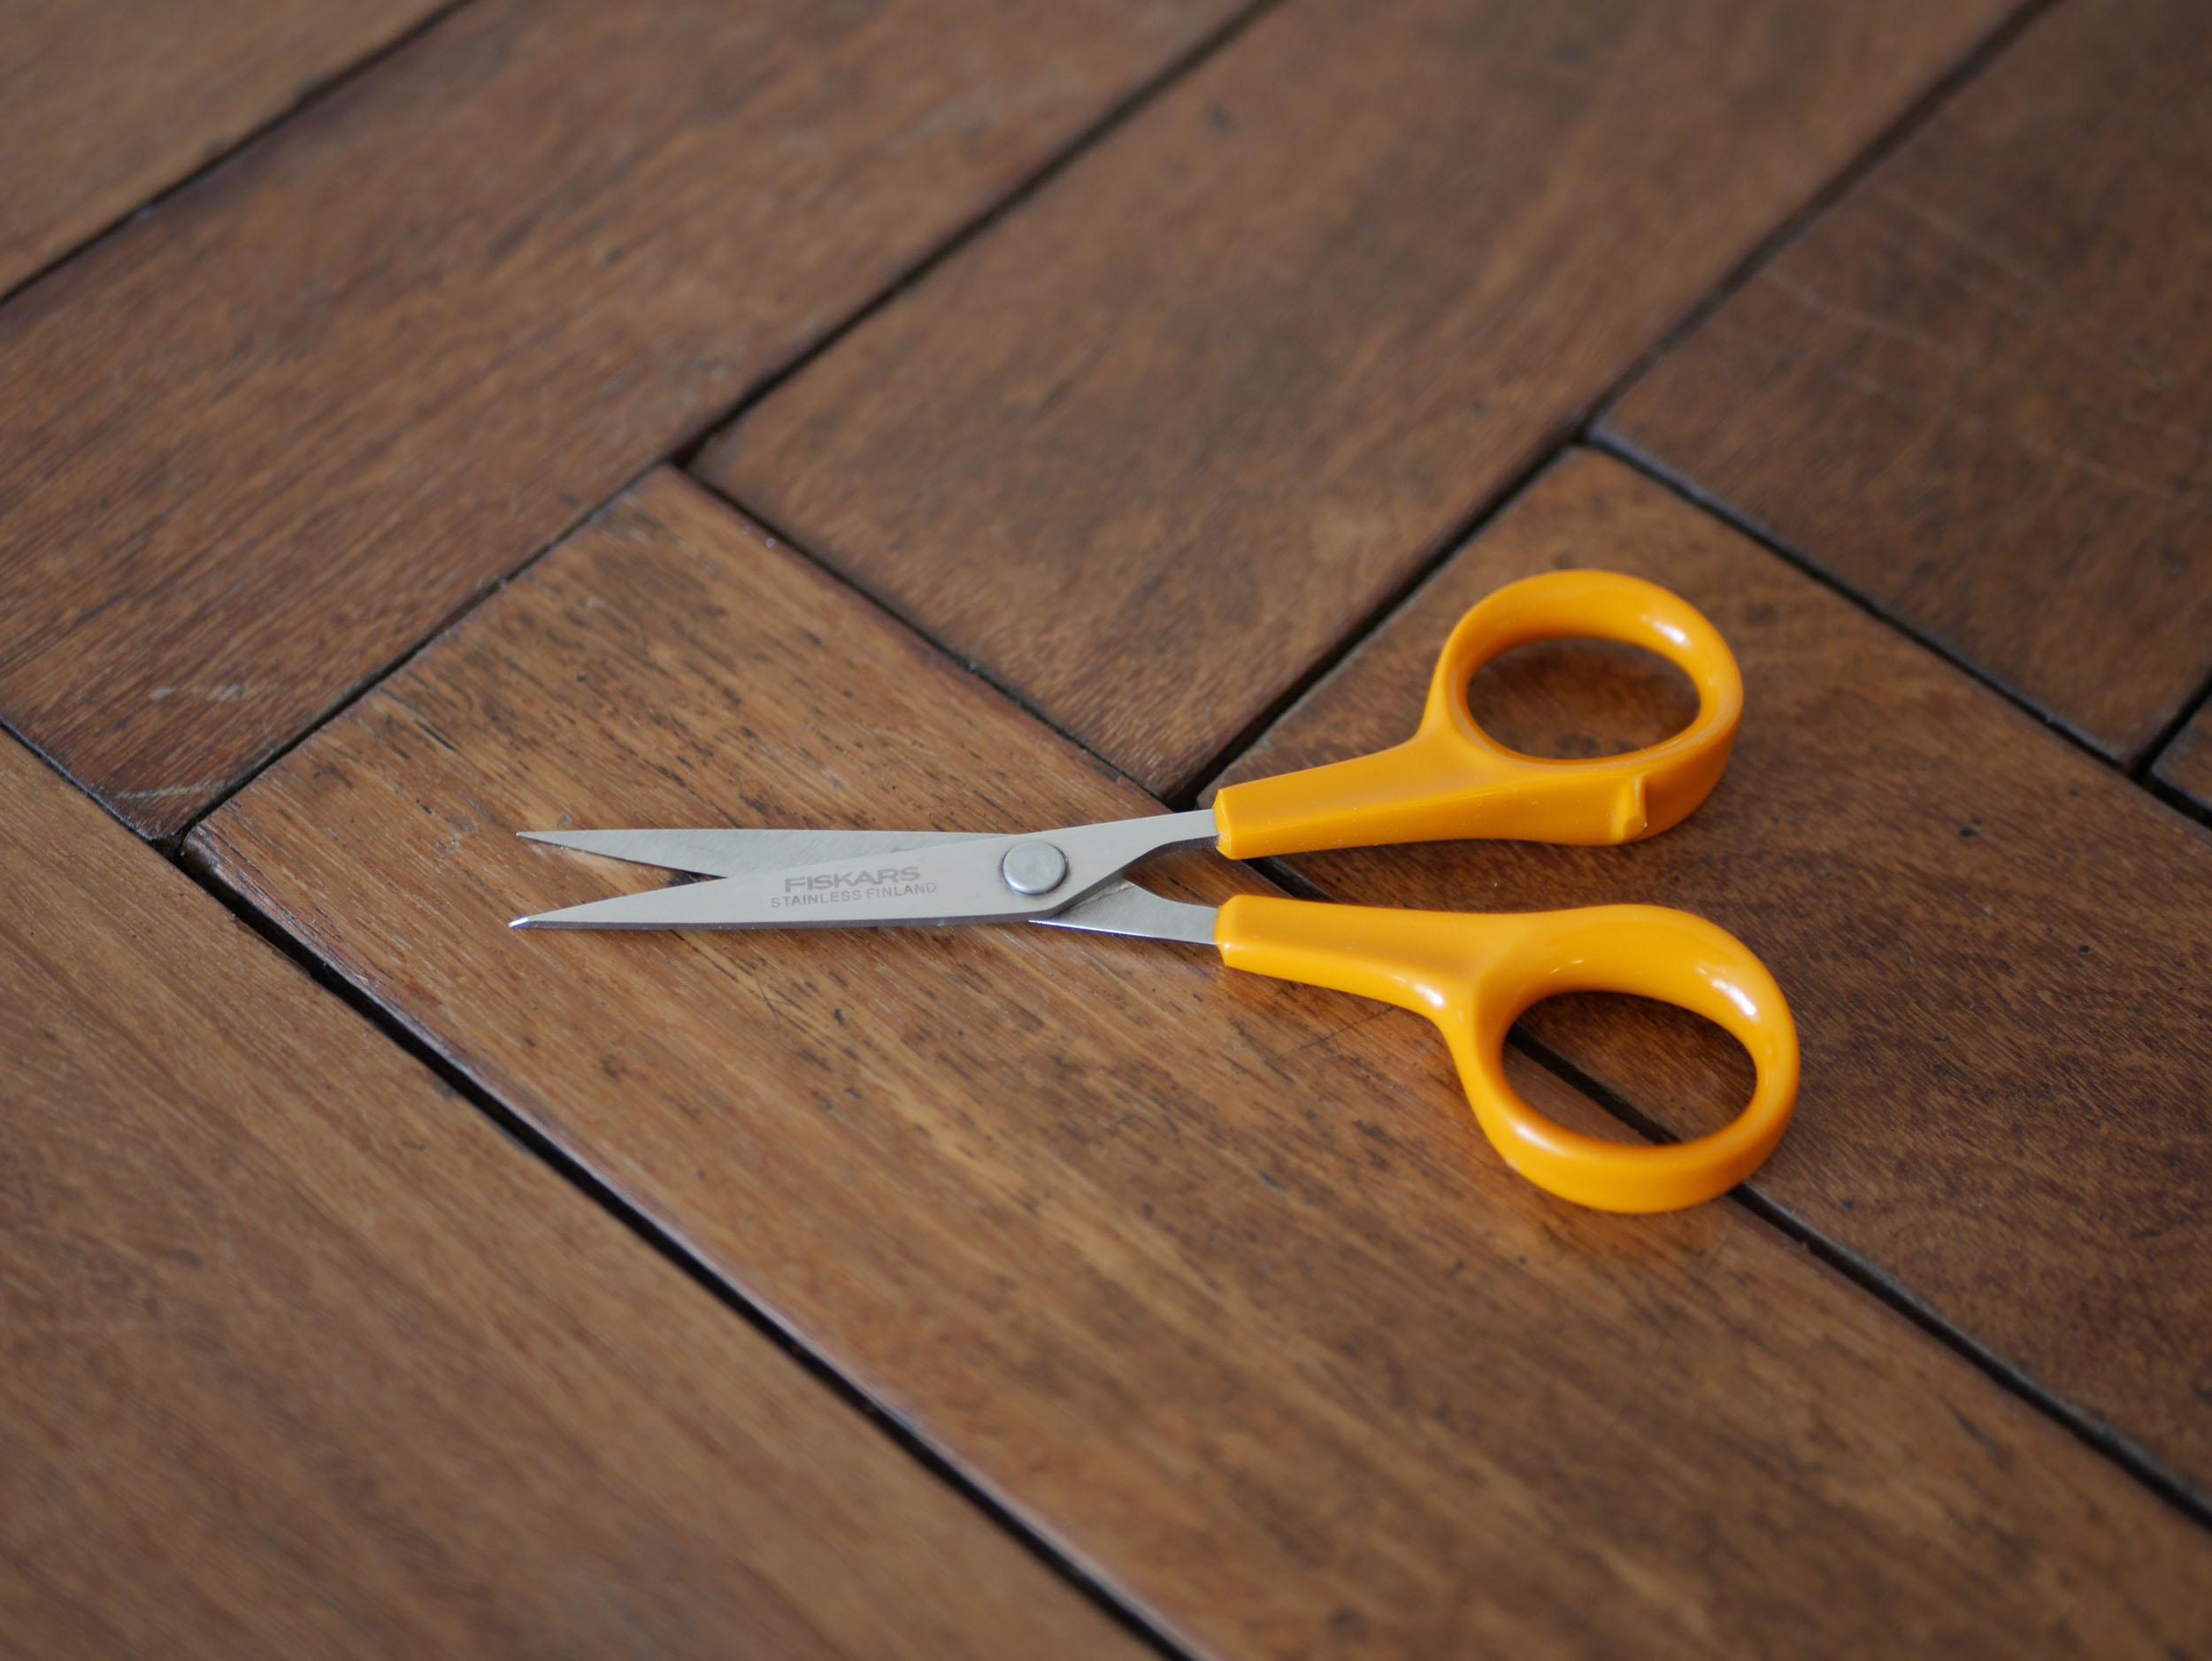 Snip Scissors Fiskars